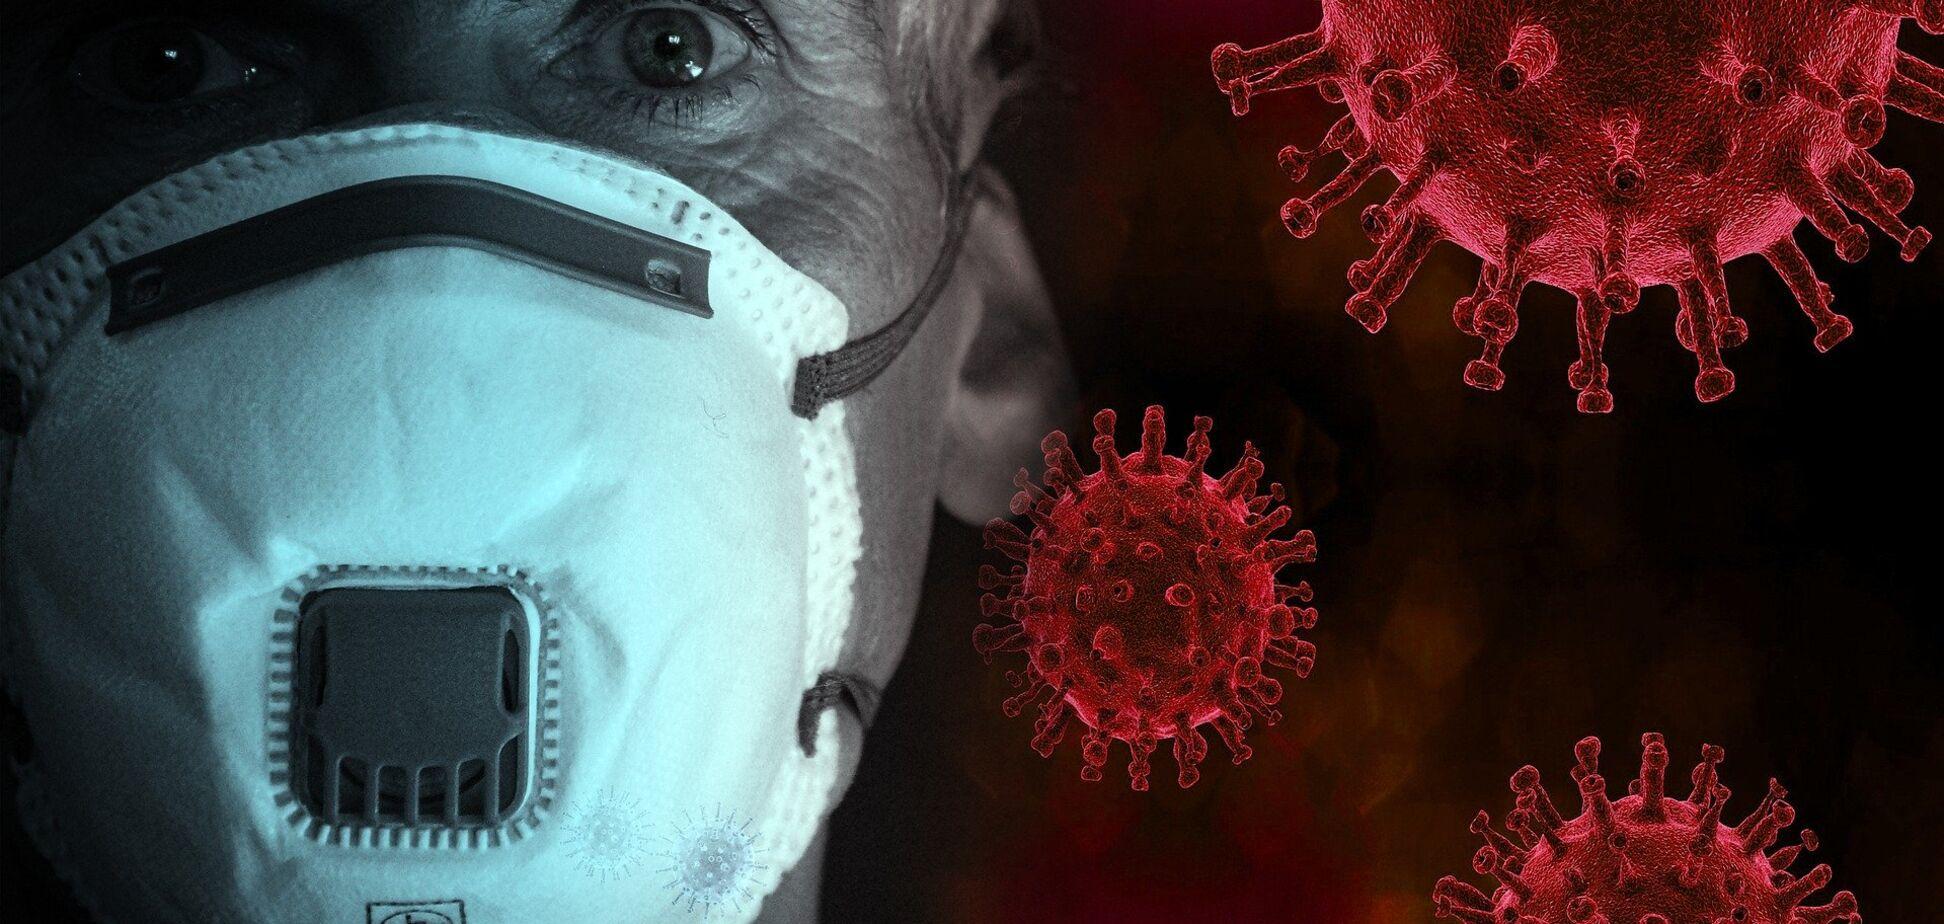 Смертельный коронавирус был предсказан Кингом еще в 70-х годах